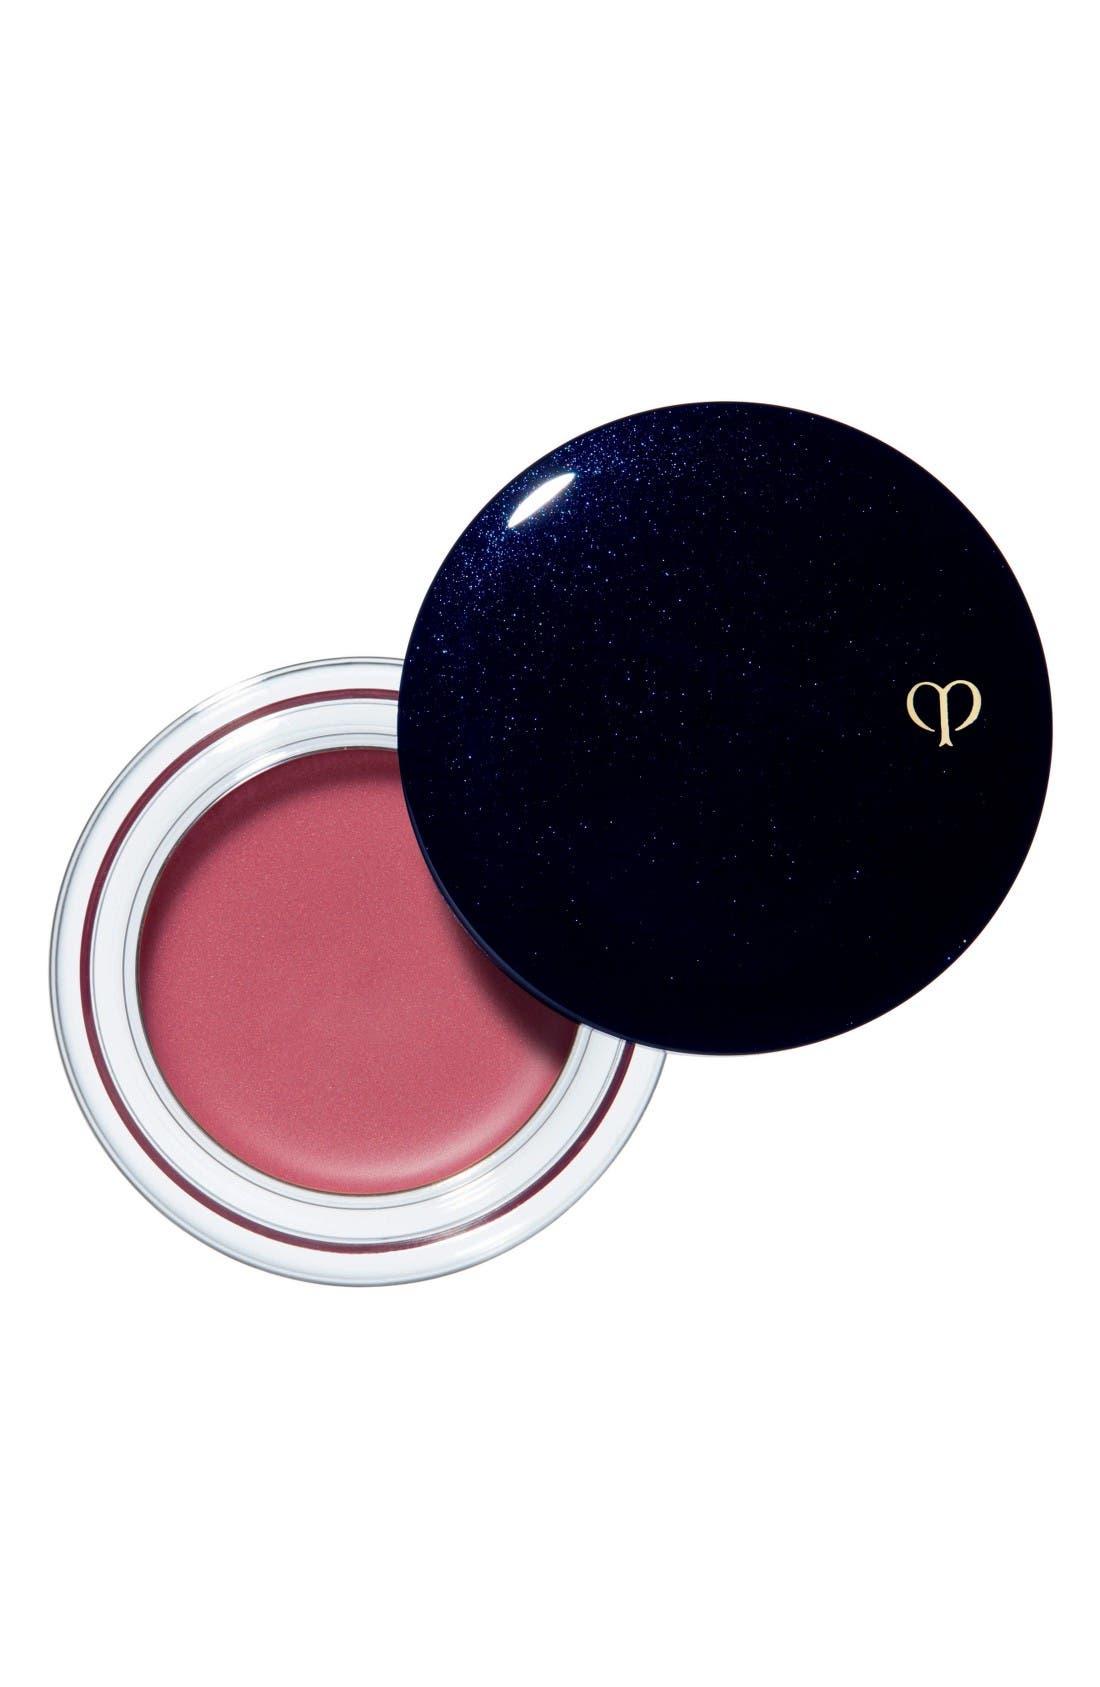 Main Image - Clé de Peau Beauté Cream Blush